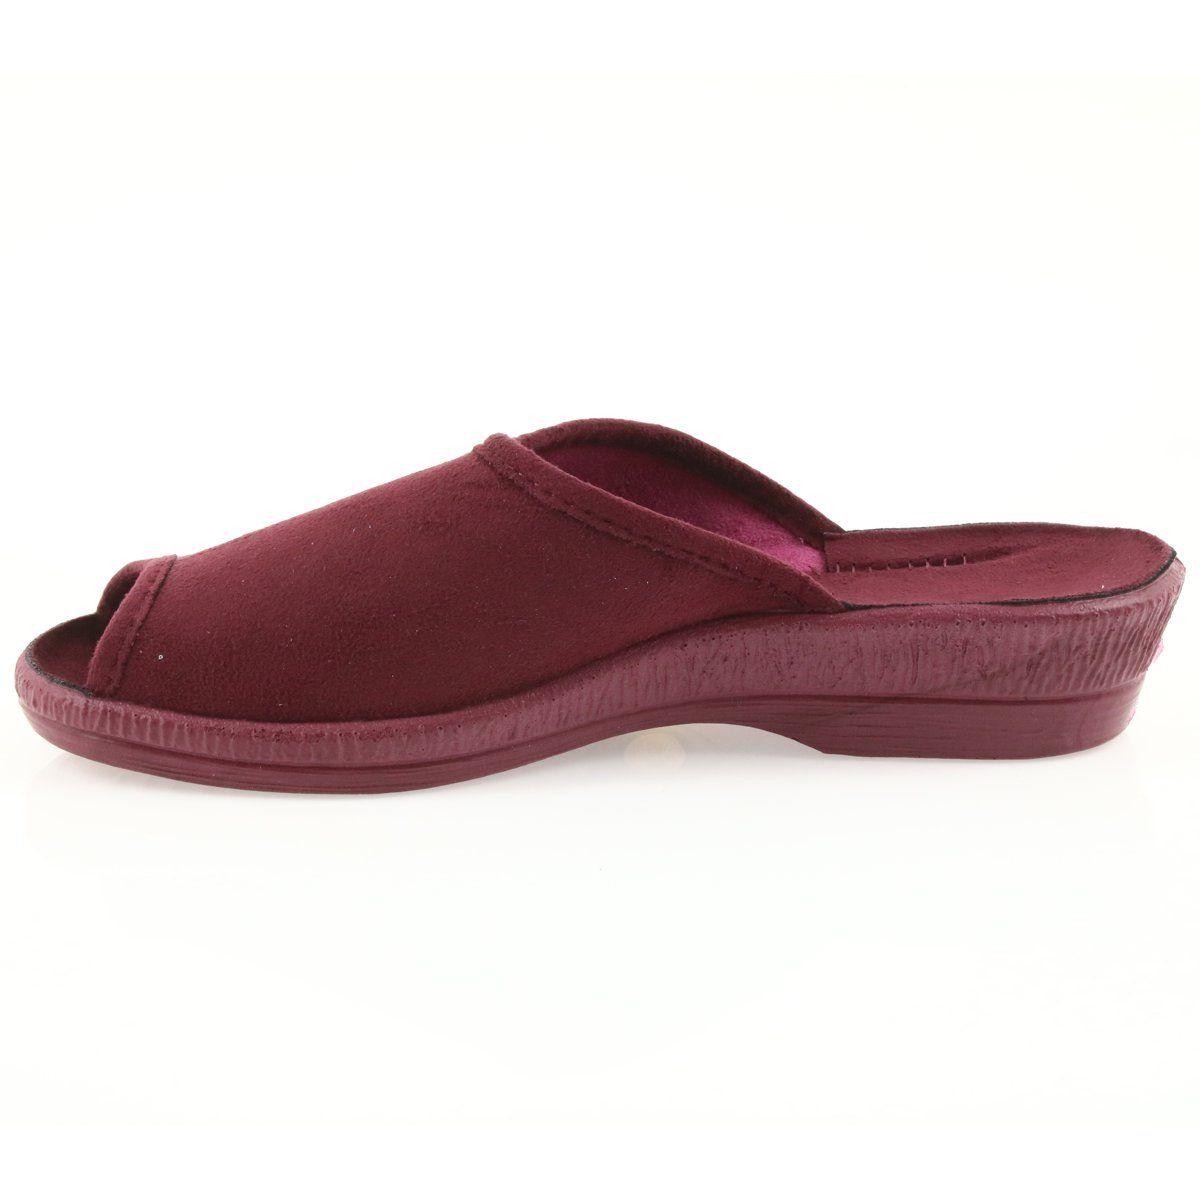 Befado Kapcie Buty Damskie Pu 581d193 Klapki Czerwone Shoes Slip On Sneaker Sneakers